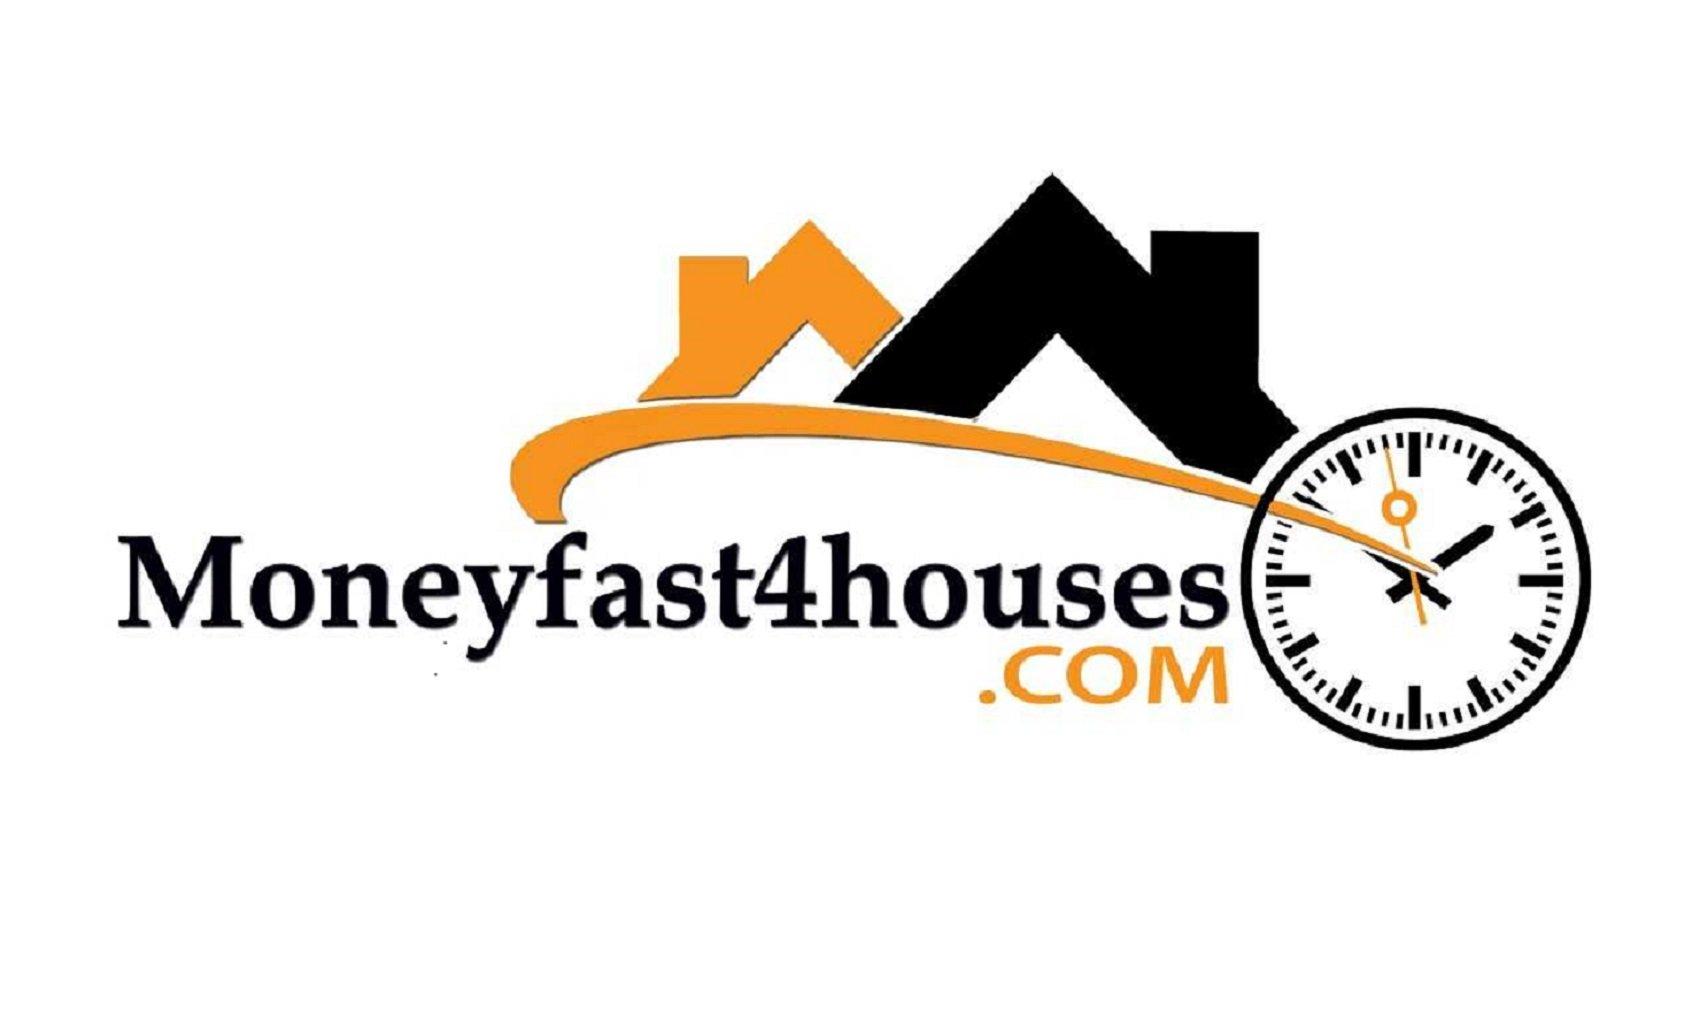 Money Fast 4 Houses logo